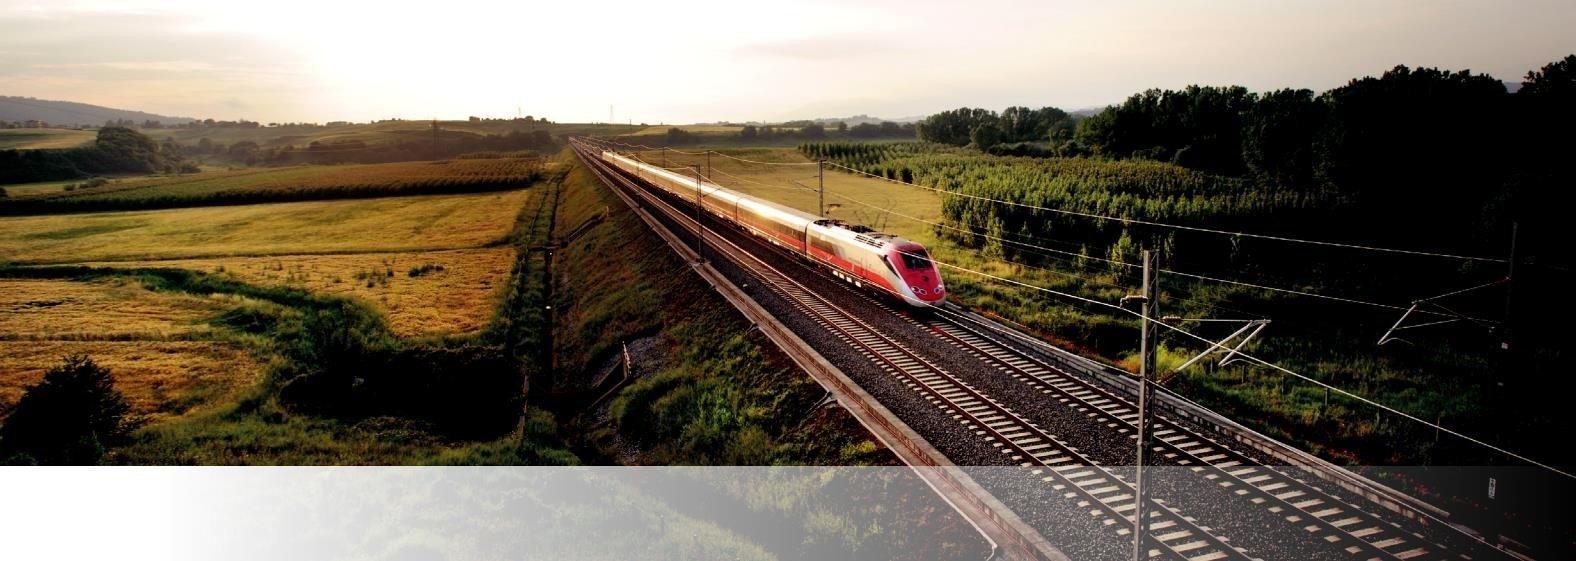 Những thuận tiện khi du lịch Châu Âu bằng tàu với RAIL EUROPE 2020